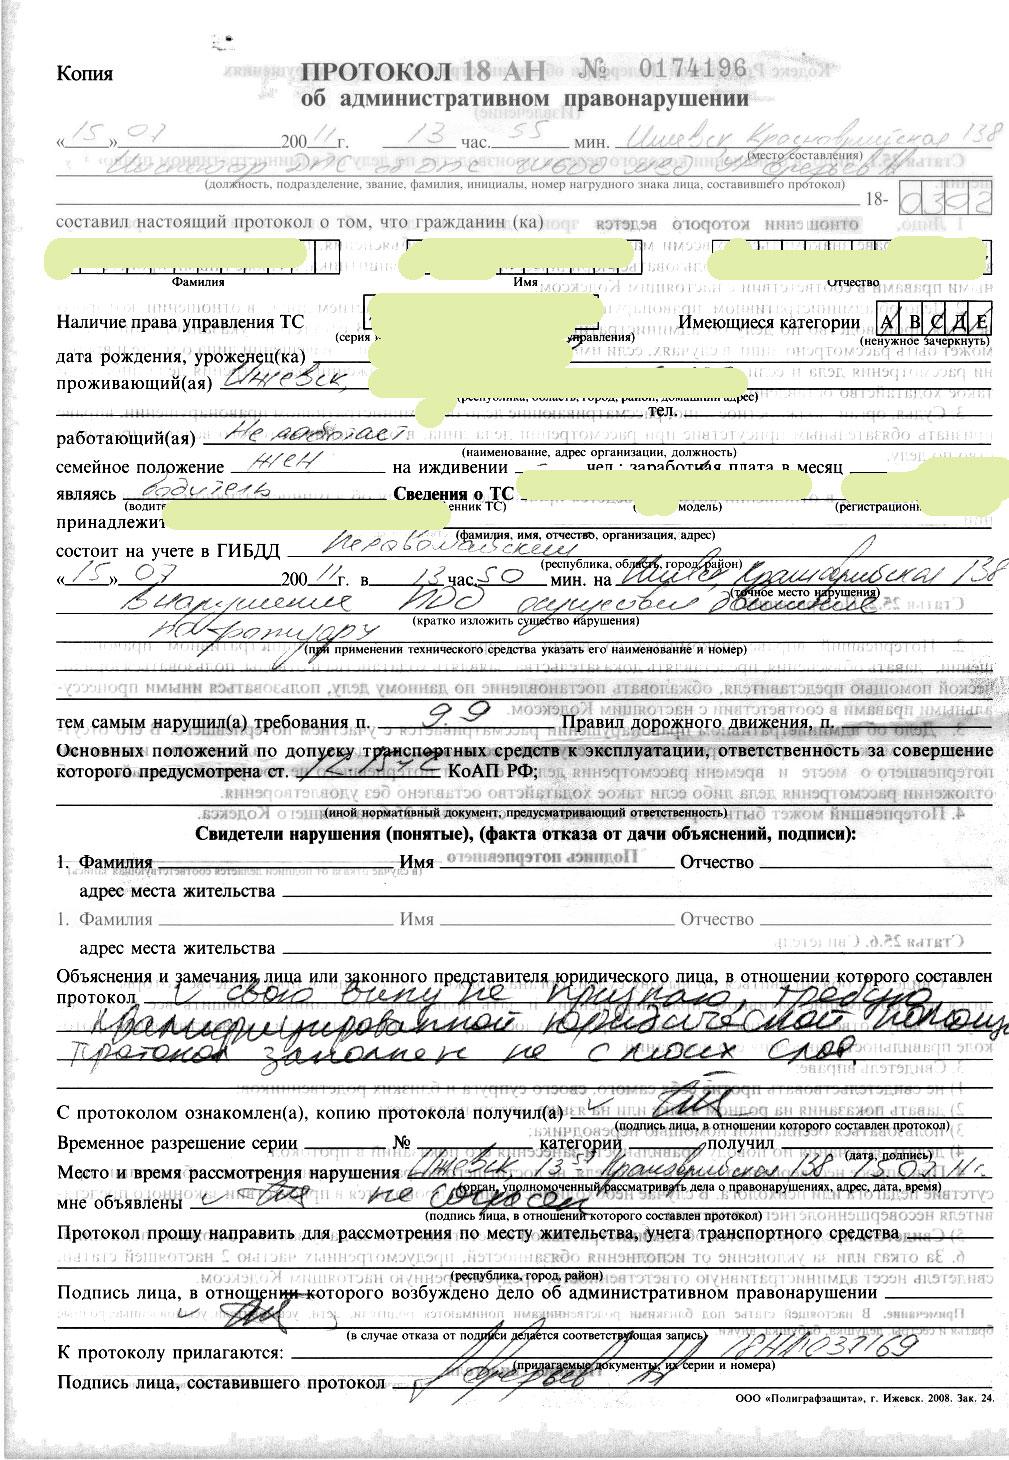 Упк составление протокола об административном правонарушении был